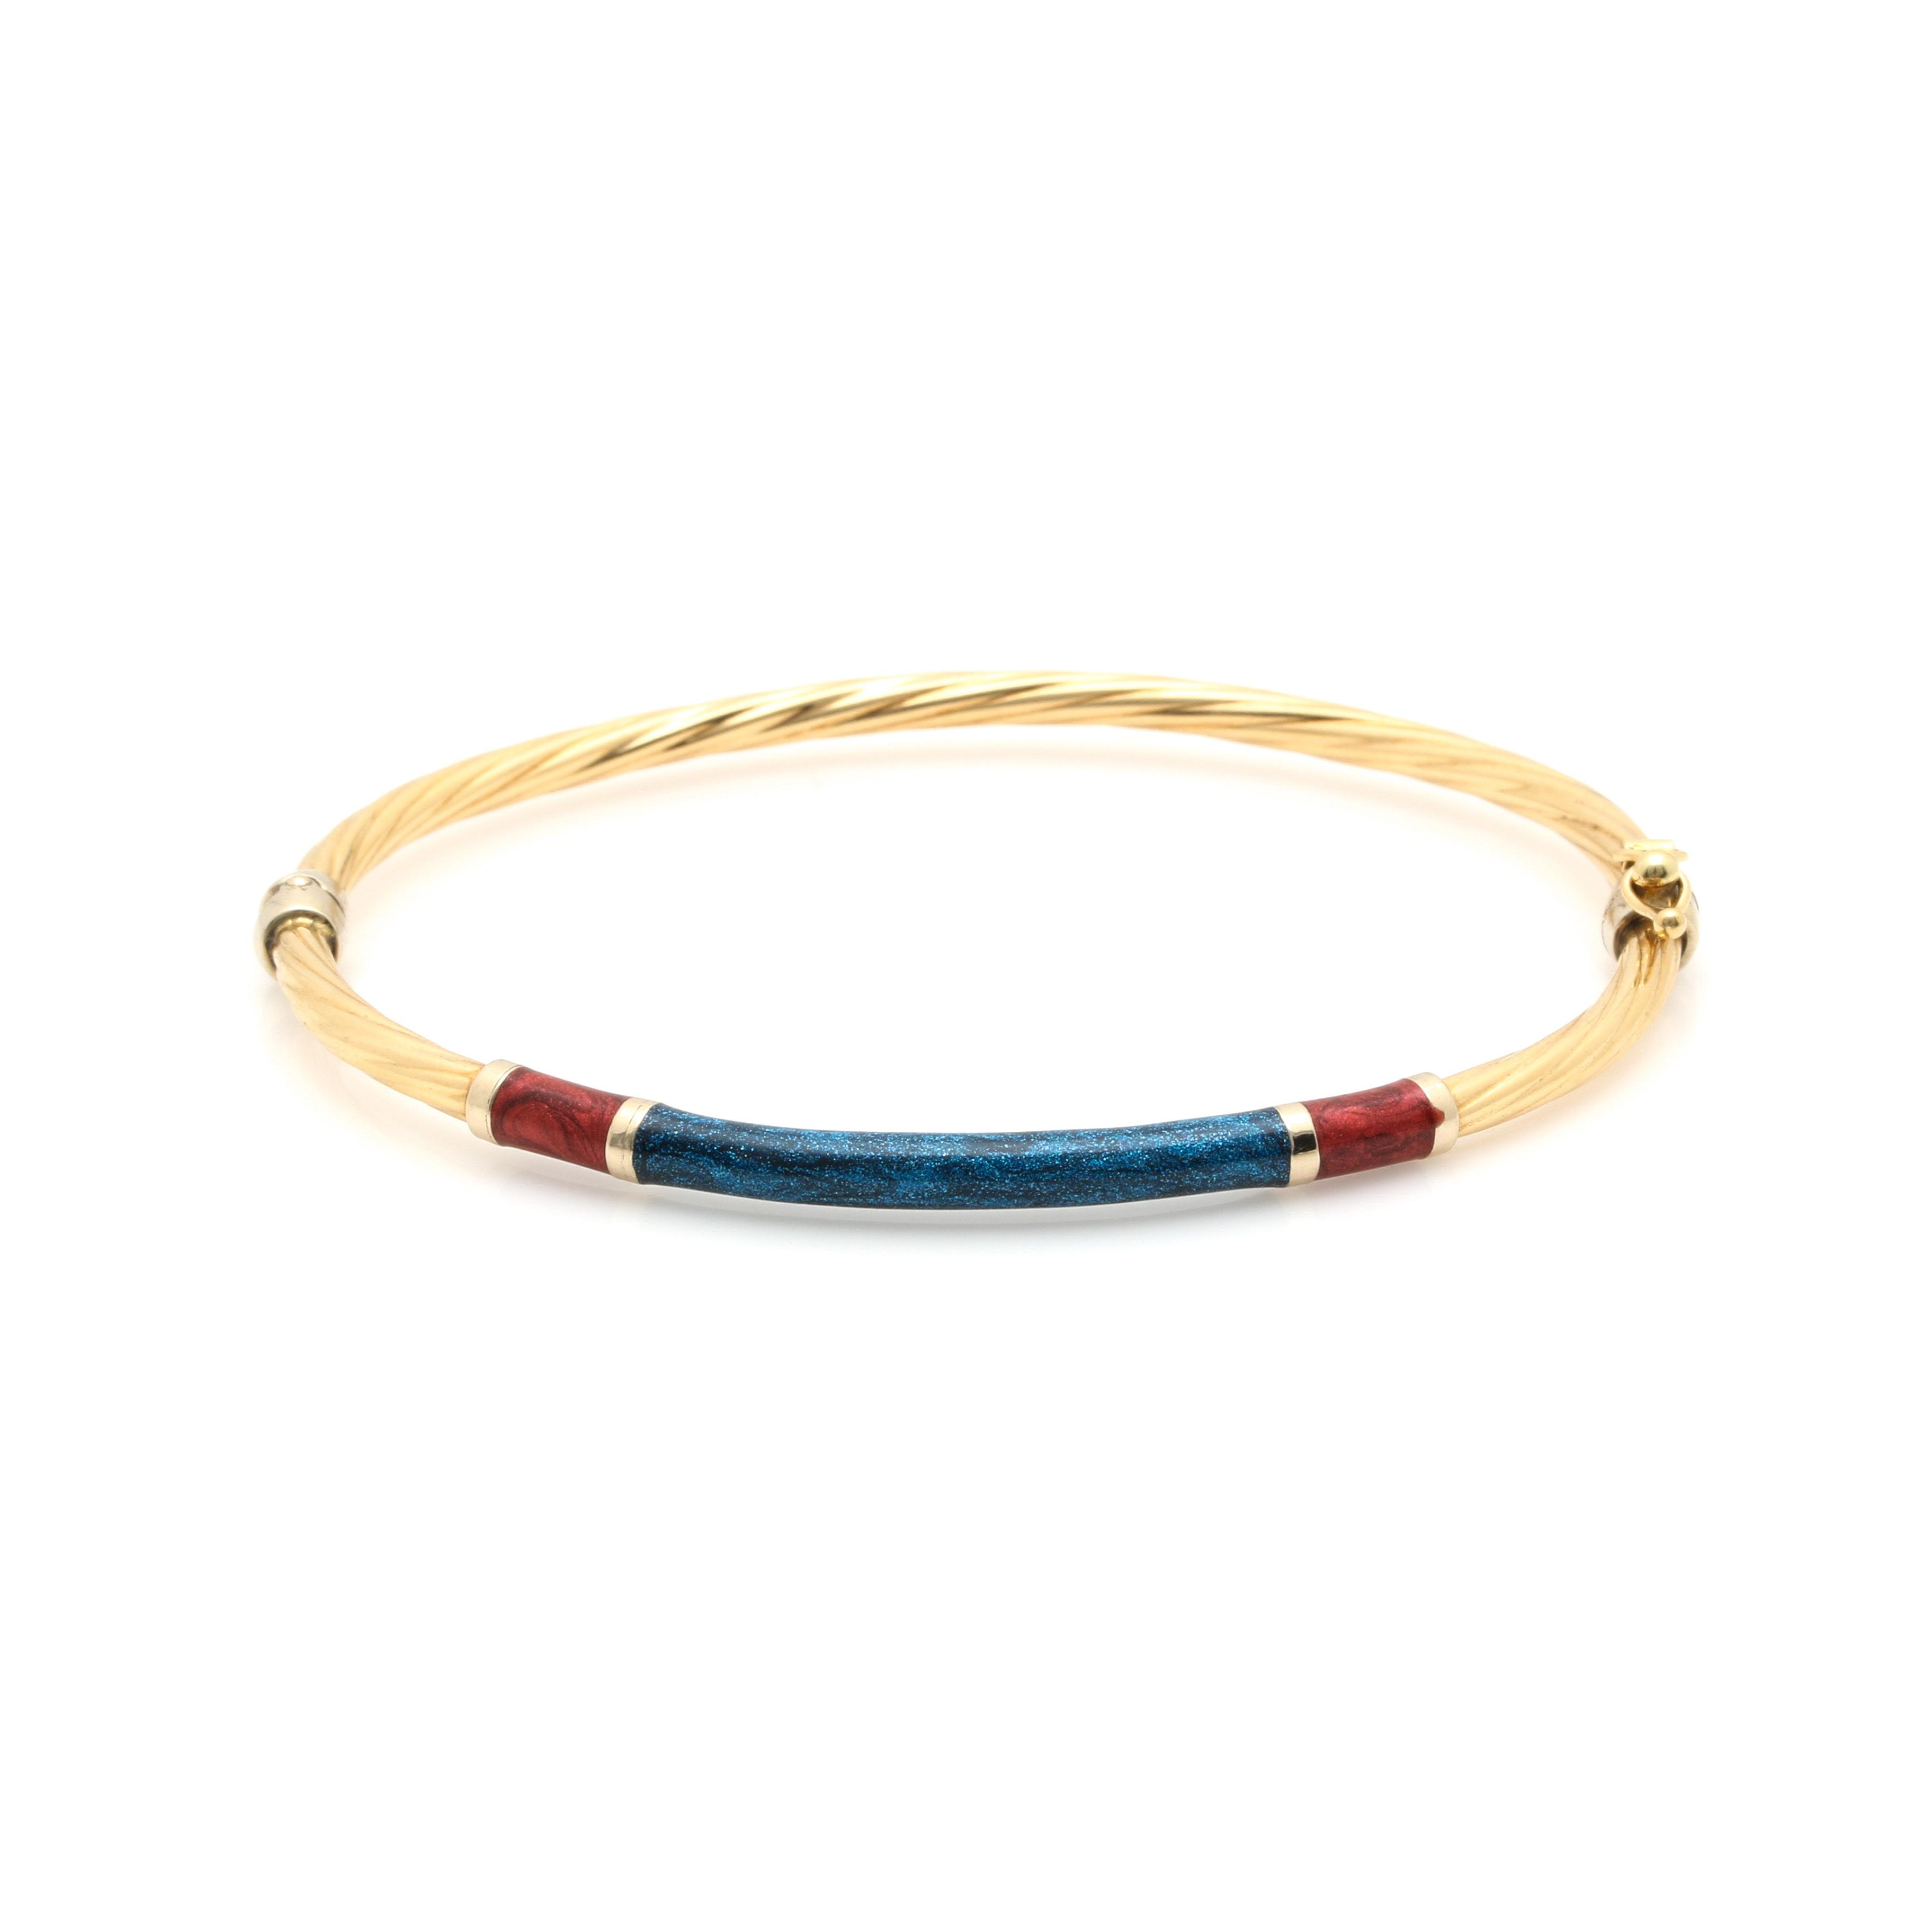 18K Yellow Gold Enamel Bangle Bracelet